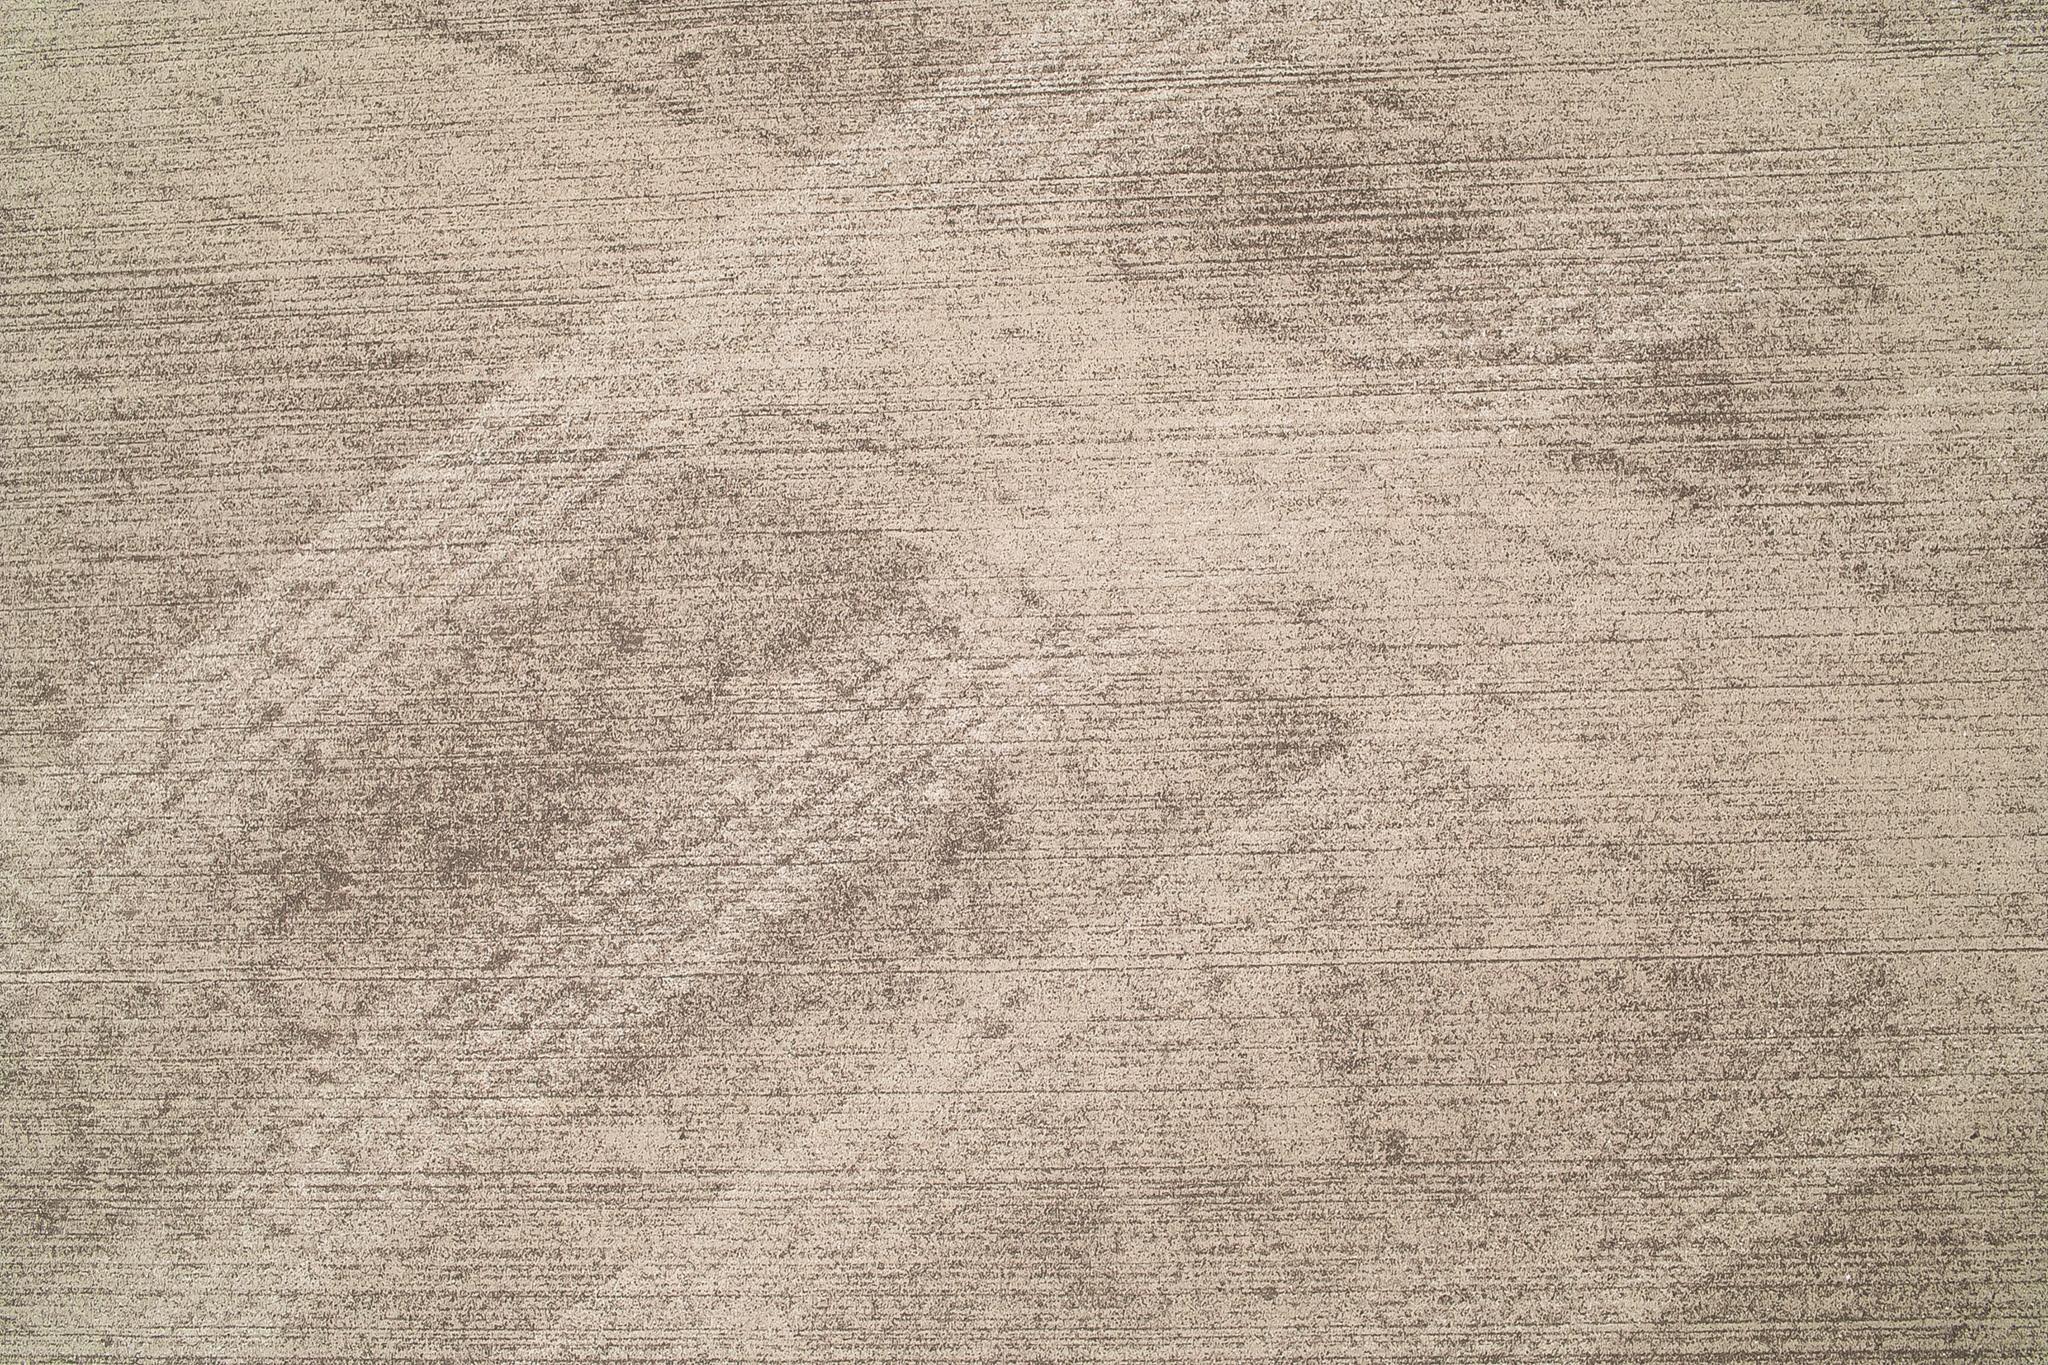 茶色く汚れたコンクリート